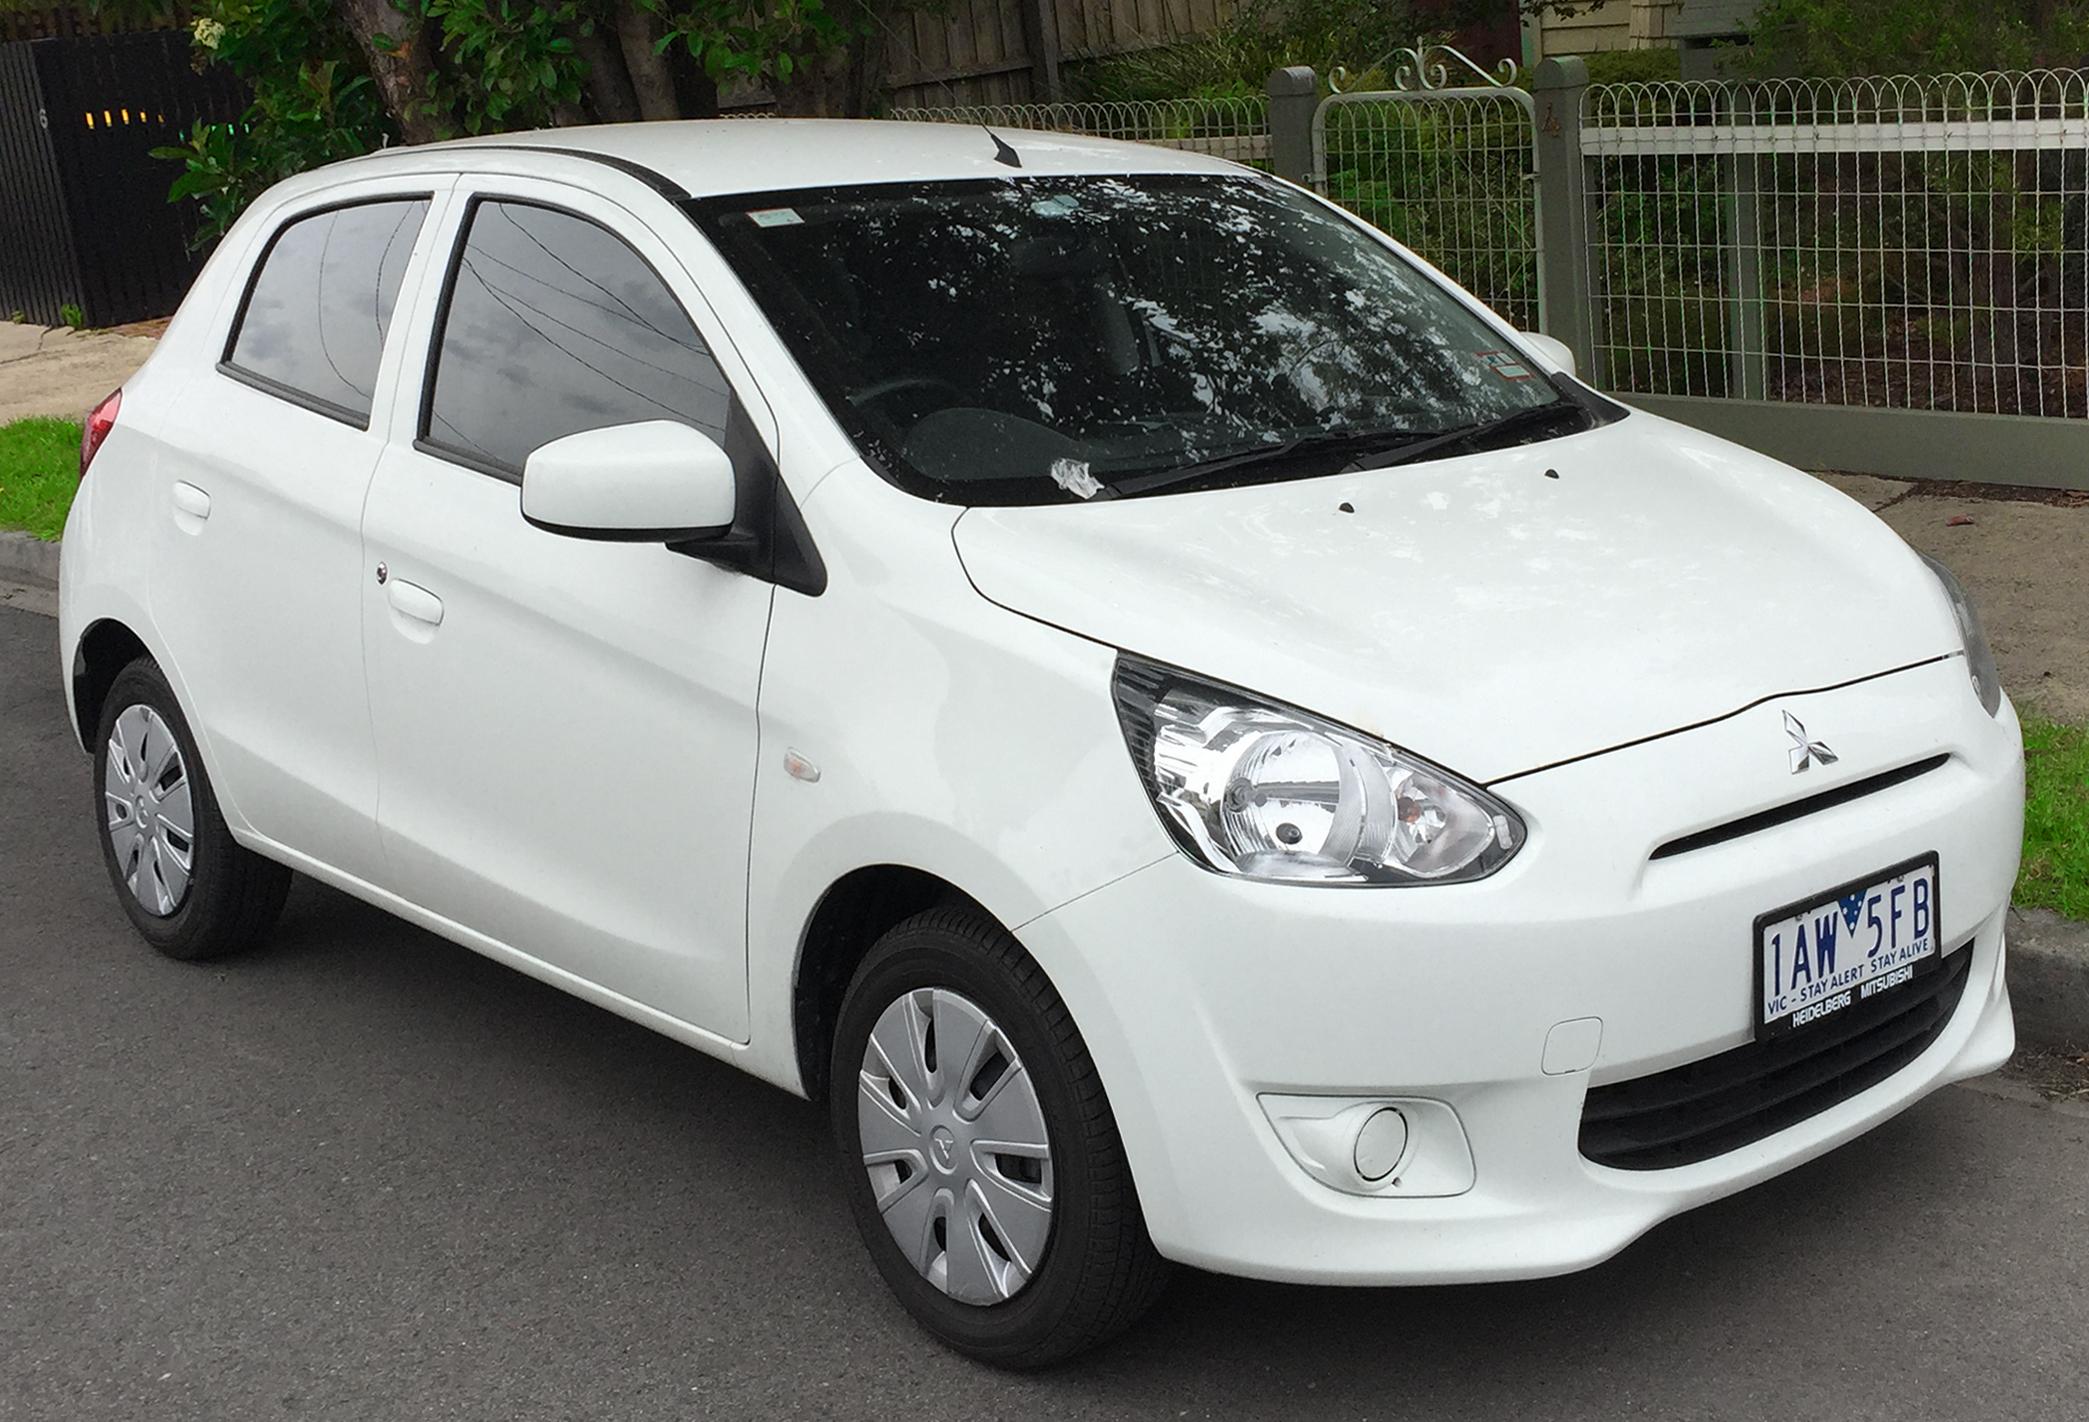 Mitsubishi mirage wiki